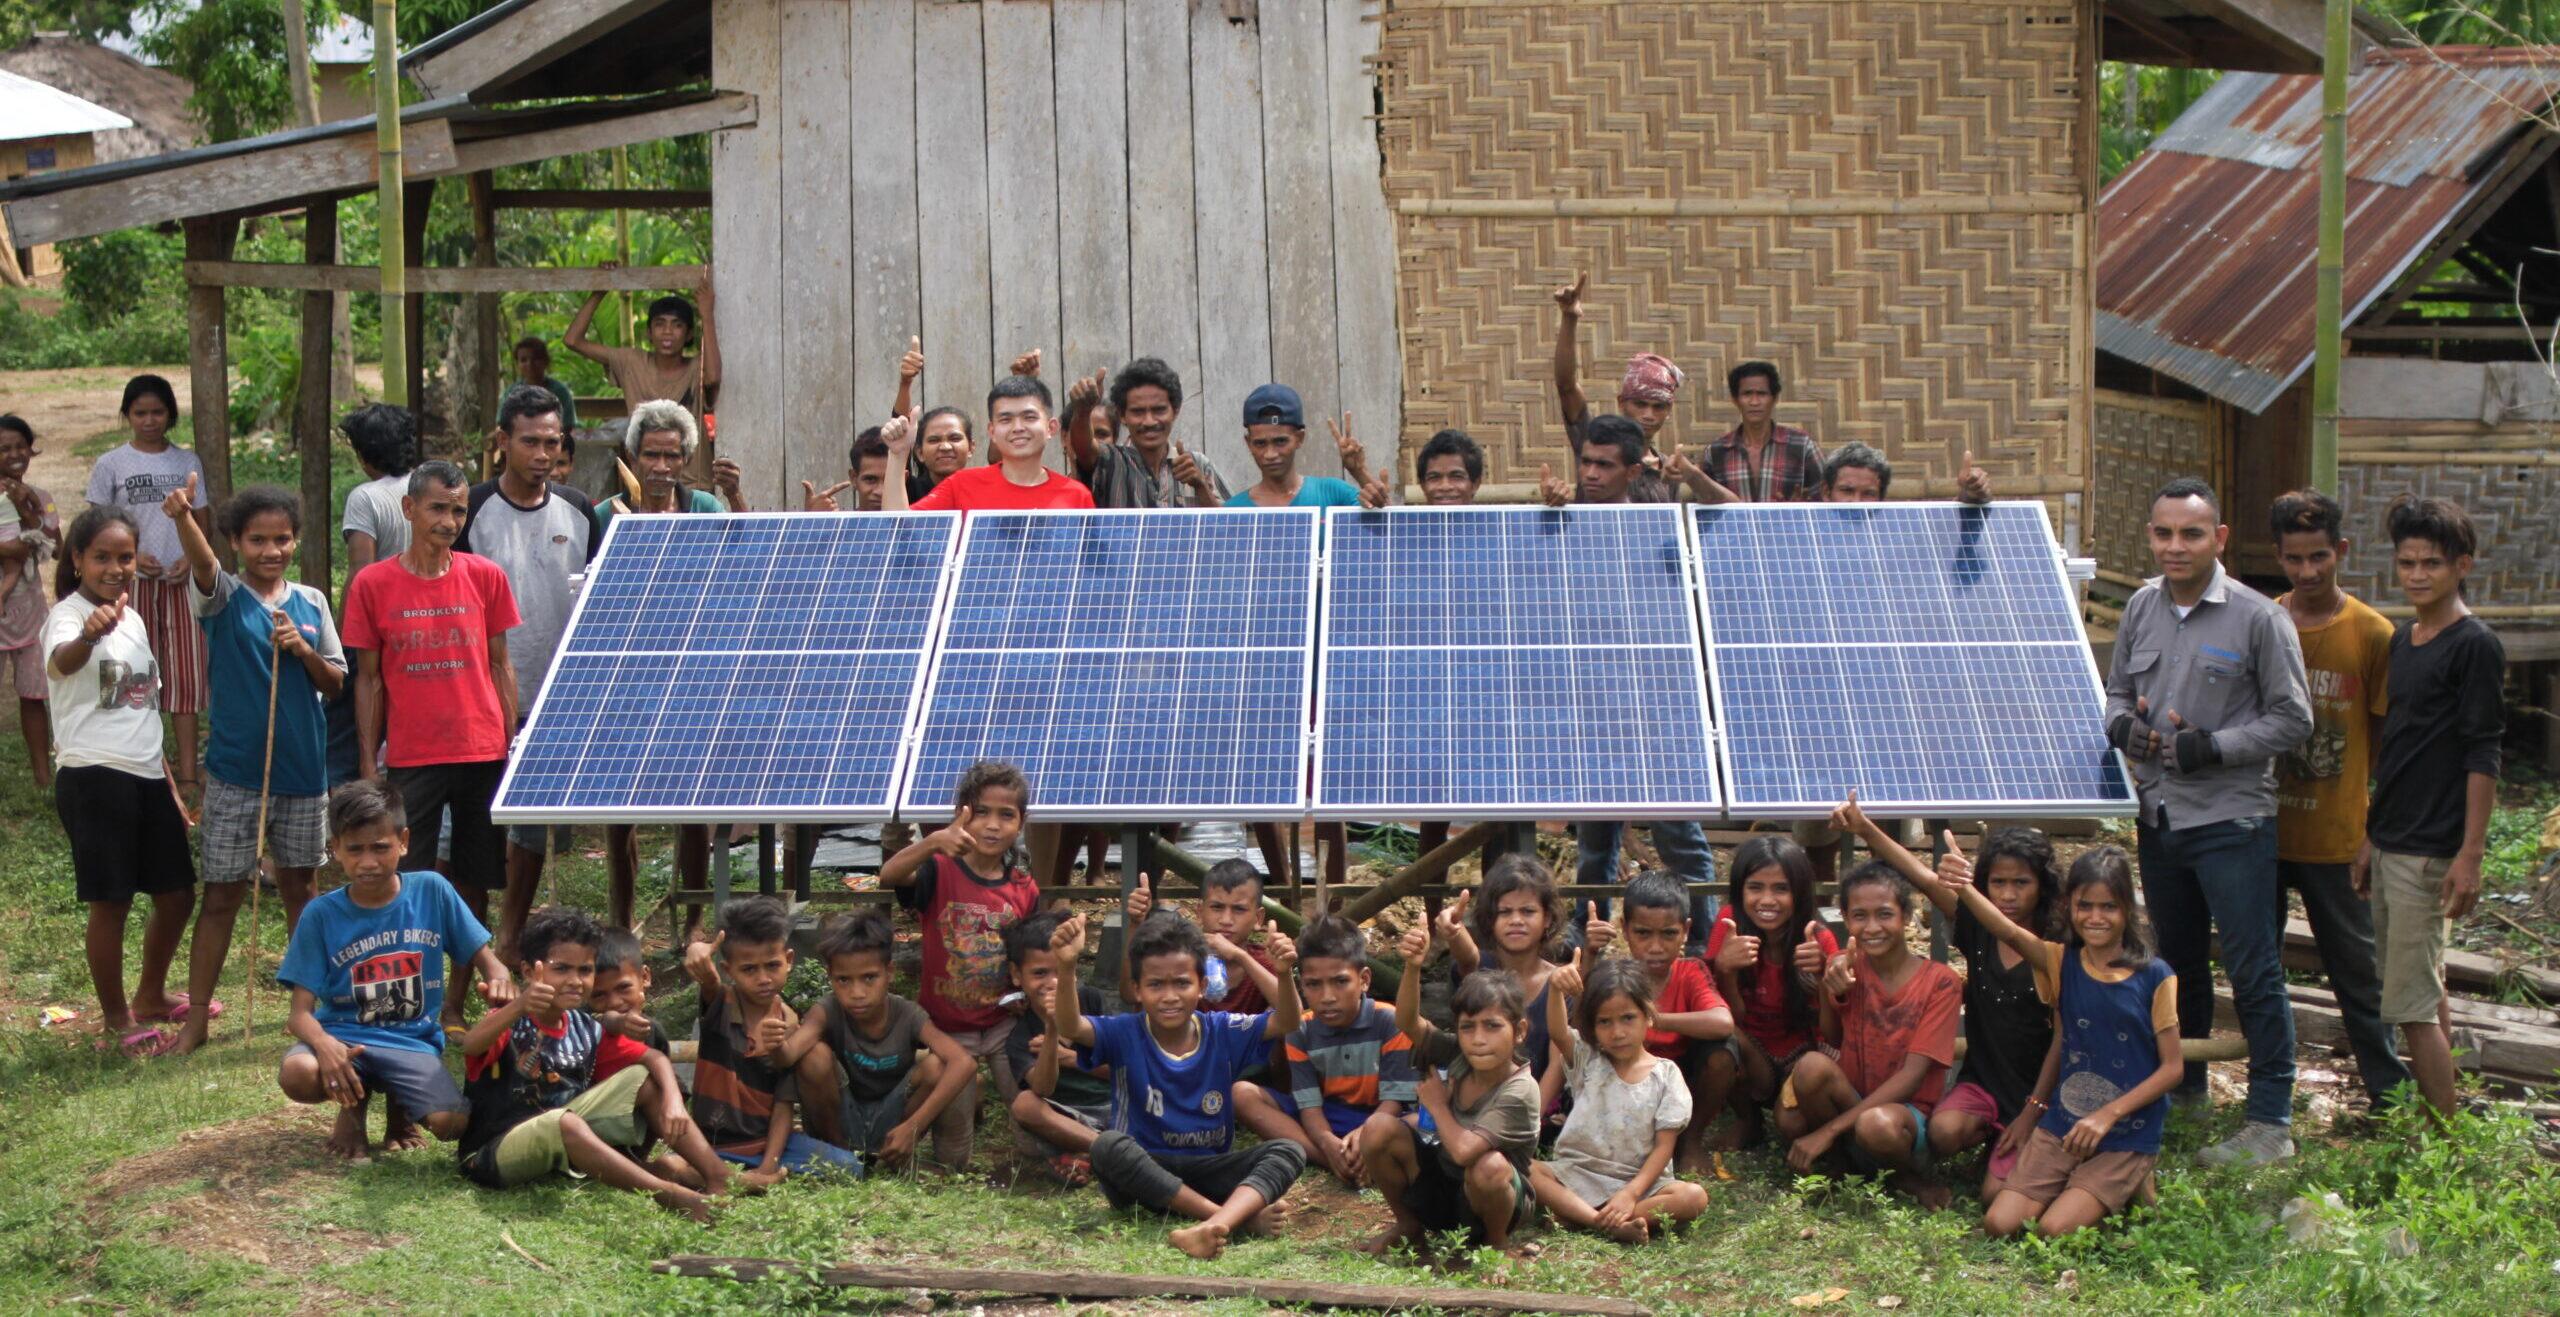 Alva Energi solar panel installation in Sumba